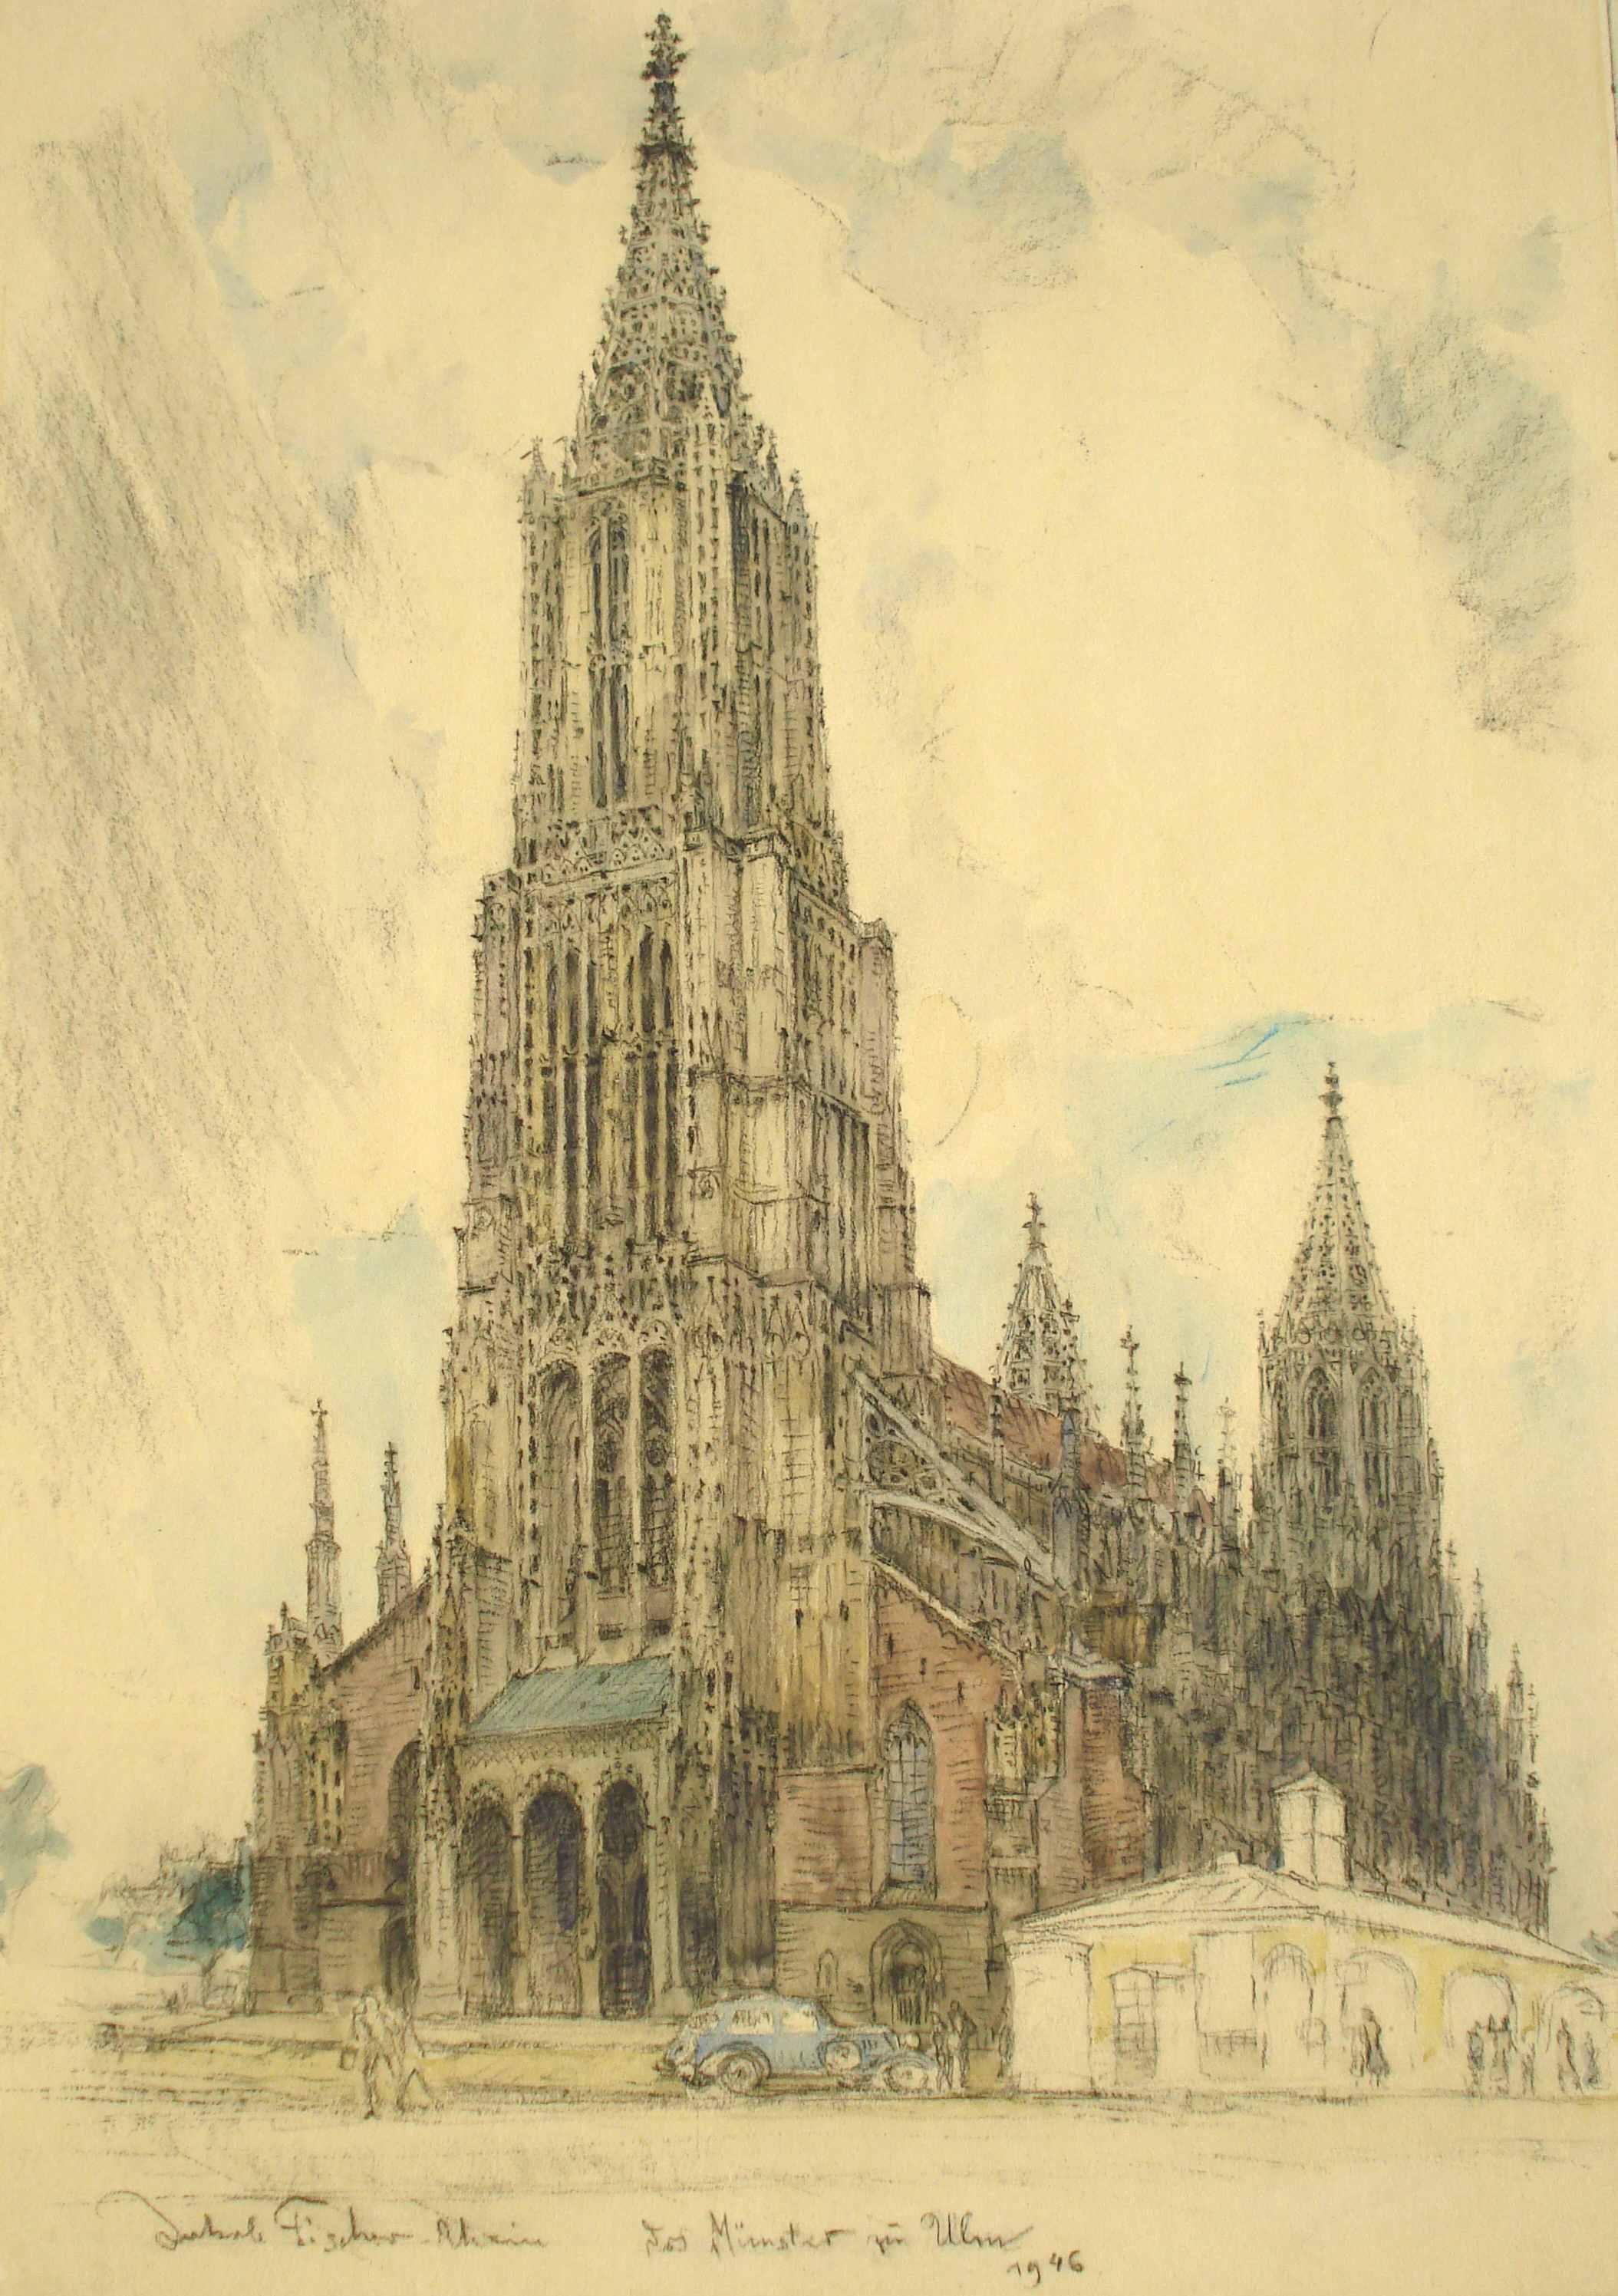 Das Münster zu Ulm, 1946, für vergrößerte Ansicht anklicken!